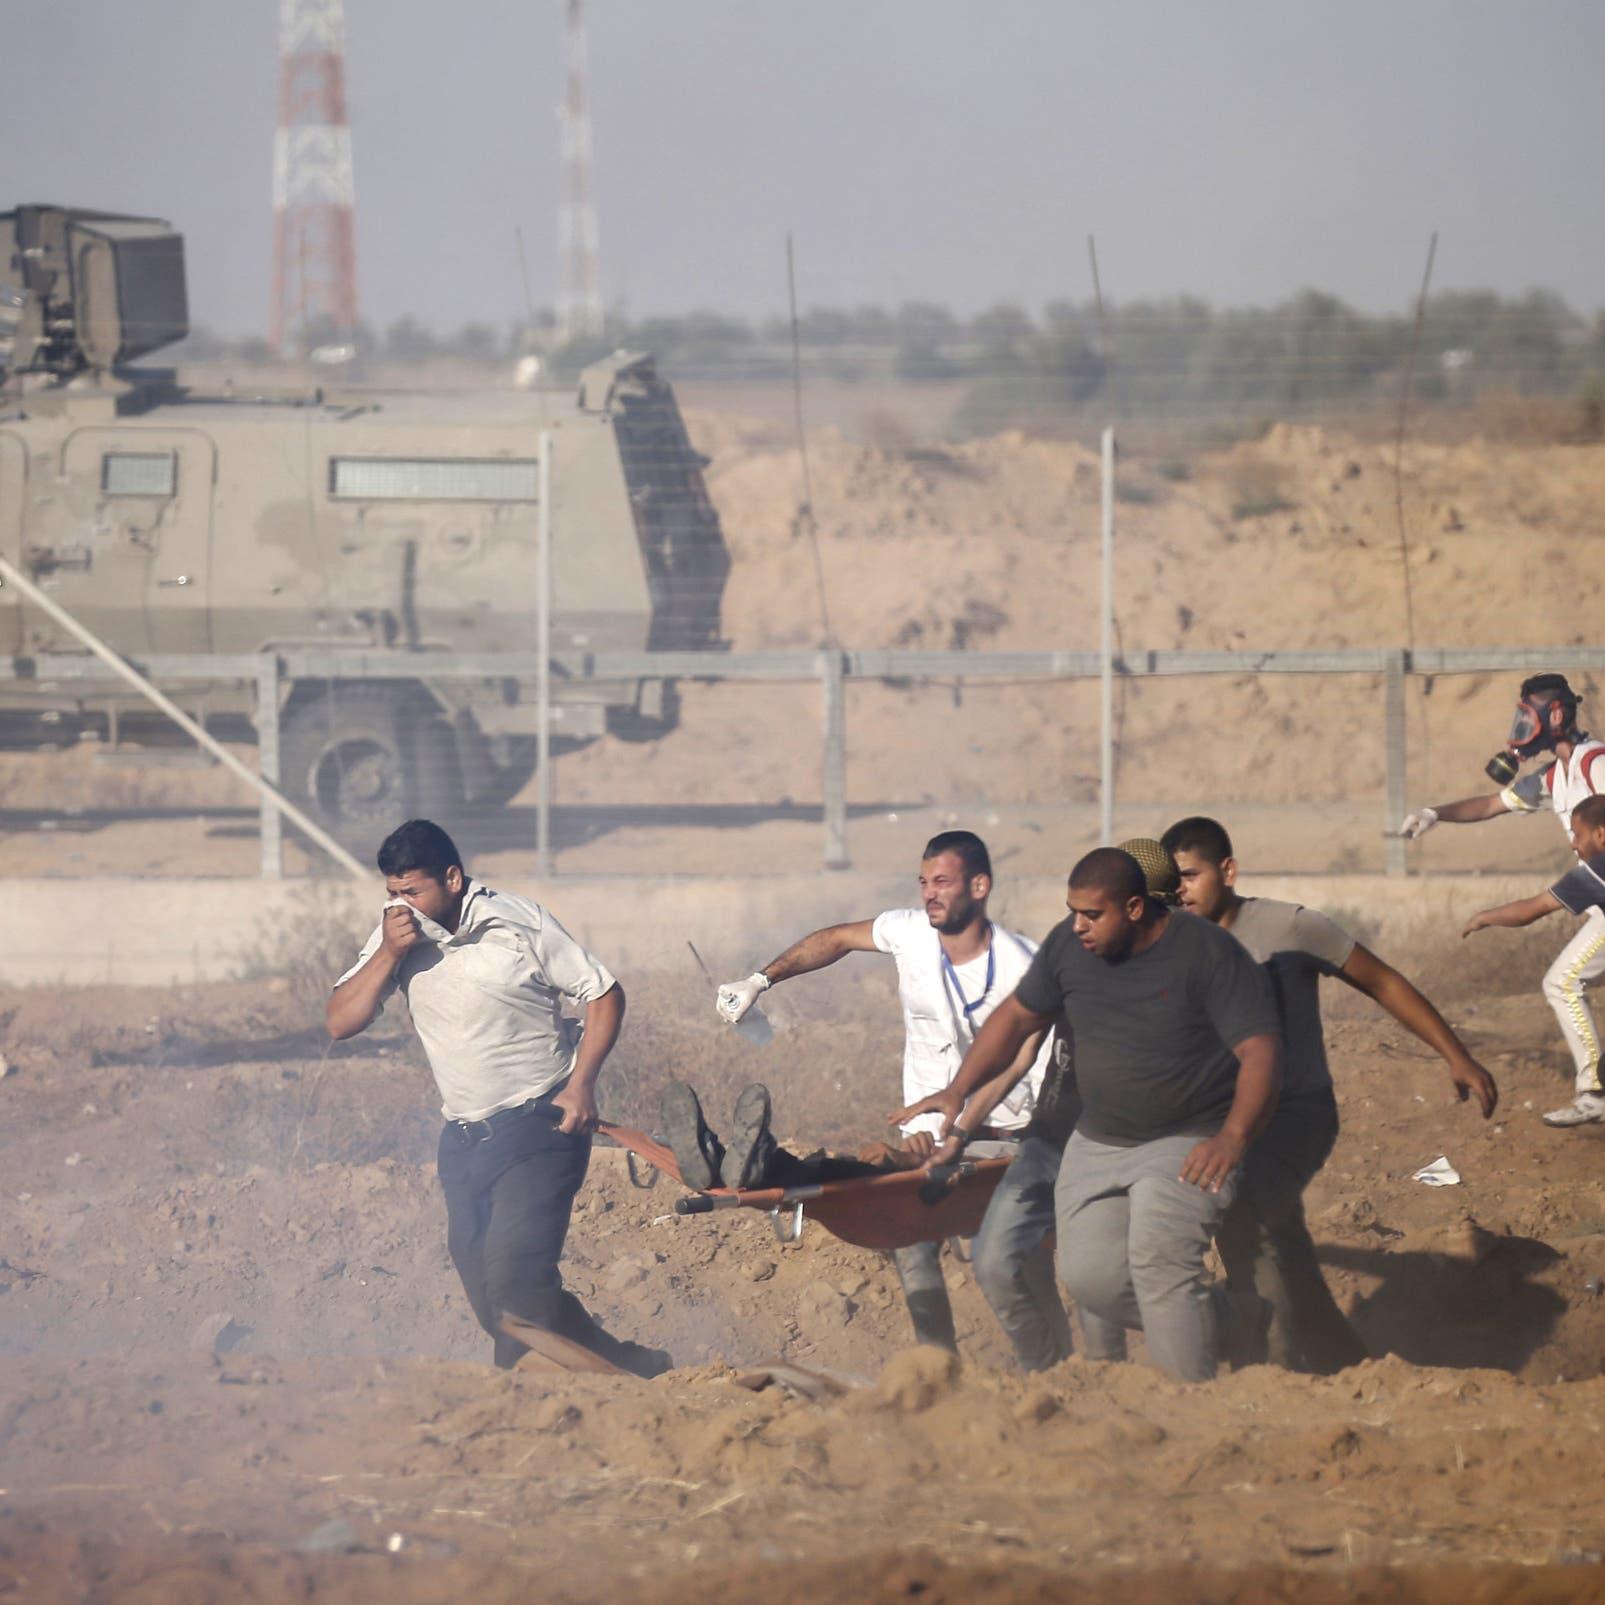 دبابة إسرائيلية تقتل فلسطينياً على حدود غزة